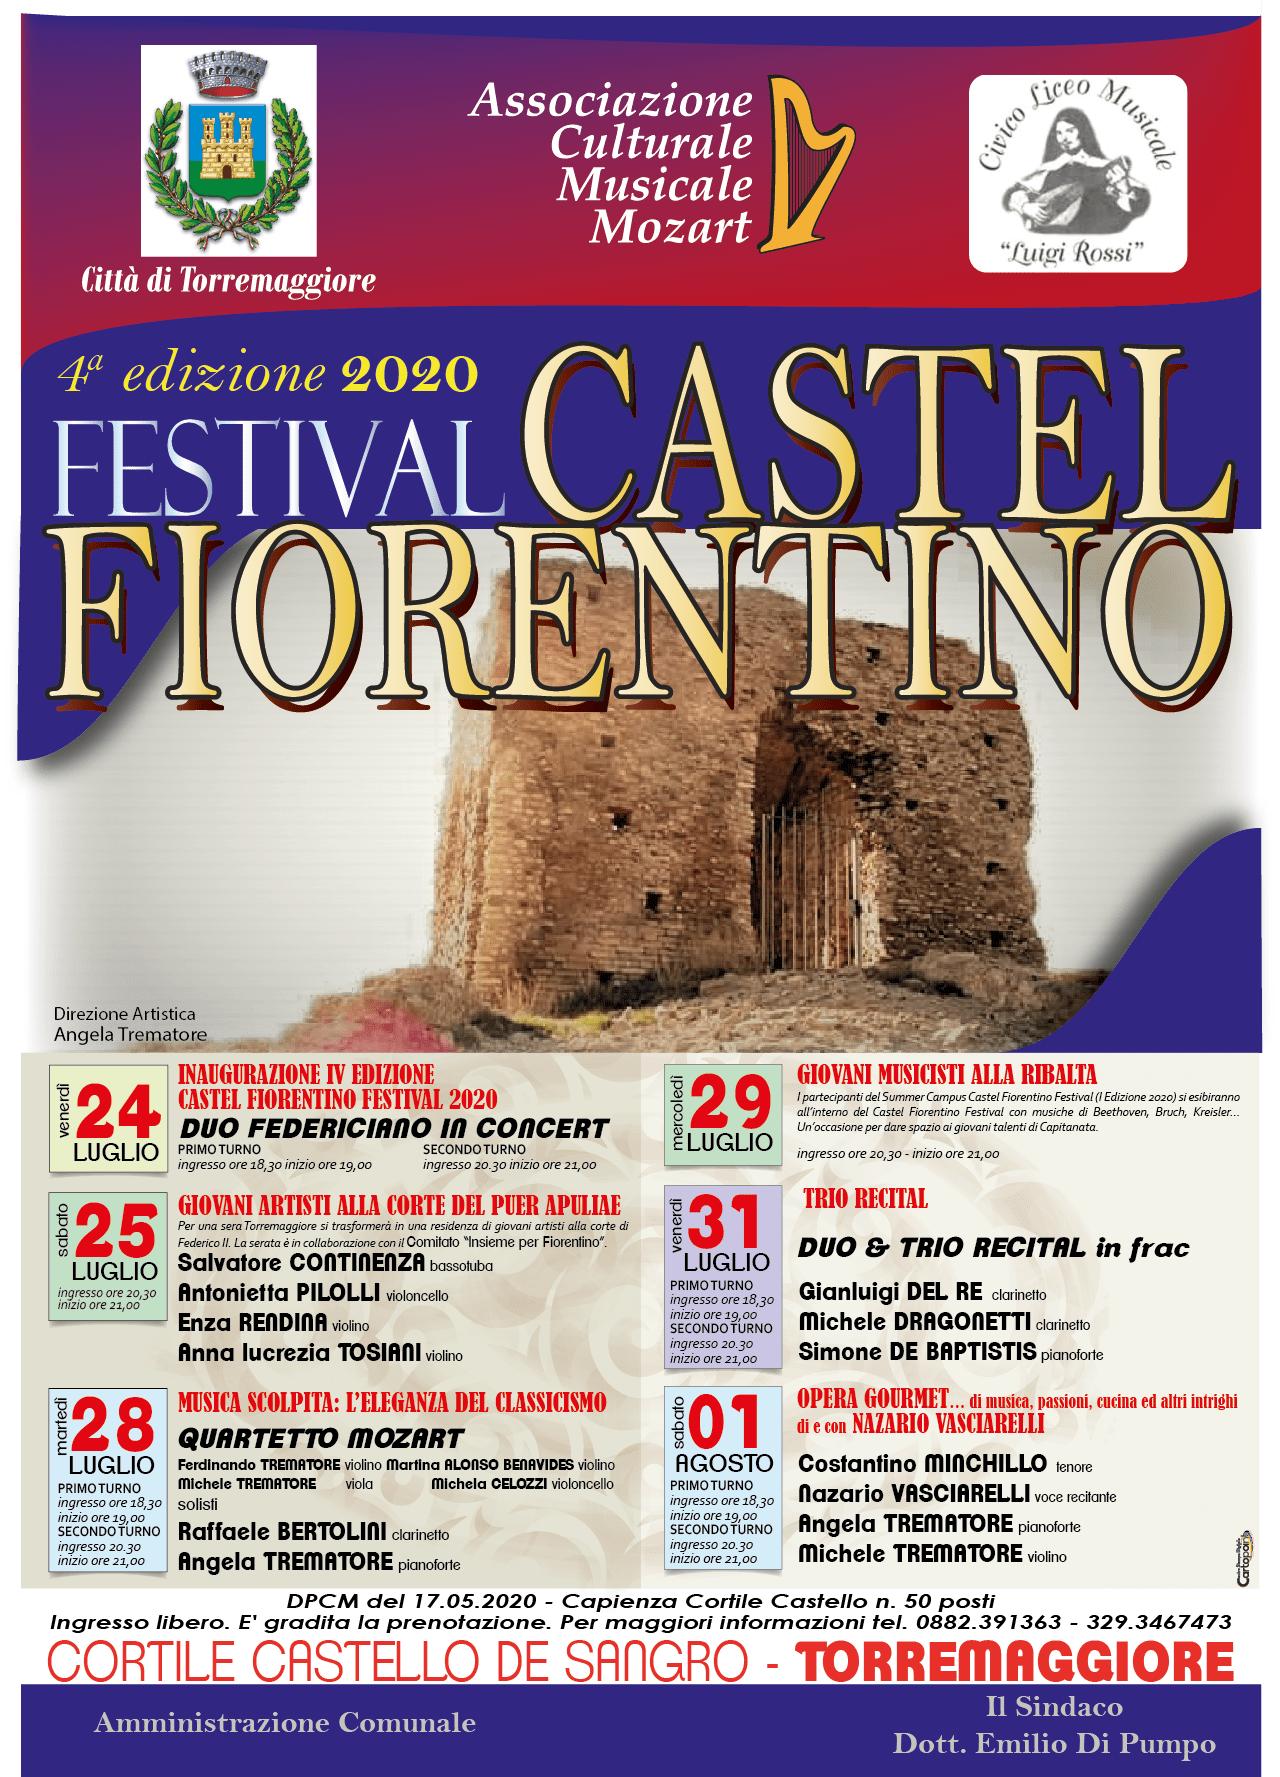 Quarta edizione di Castel Fiorentino Festival 2020 e Master Class promossi dall'Associazione Mozart di Torremaggiore dal 24 luglio al 1 agosto